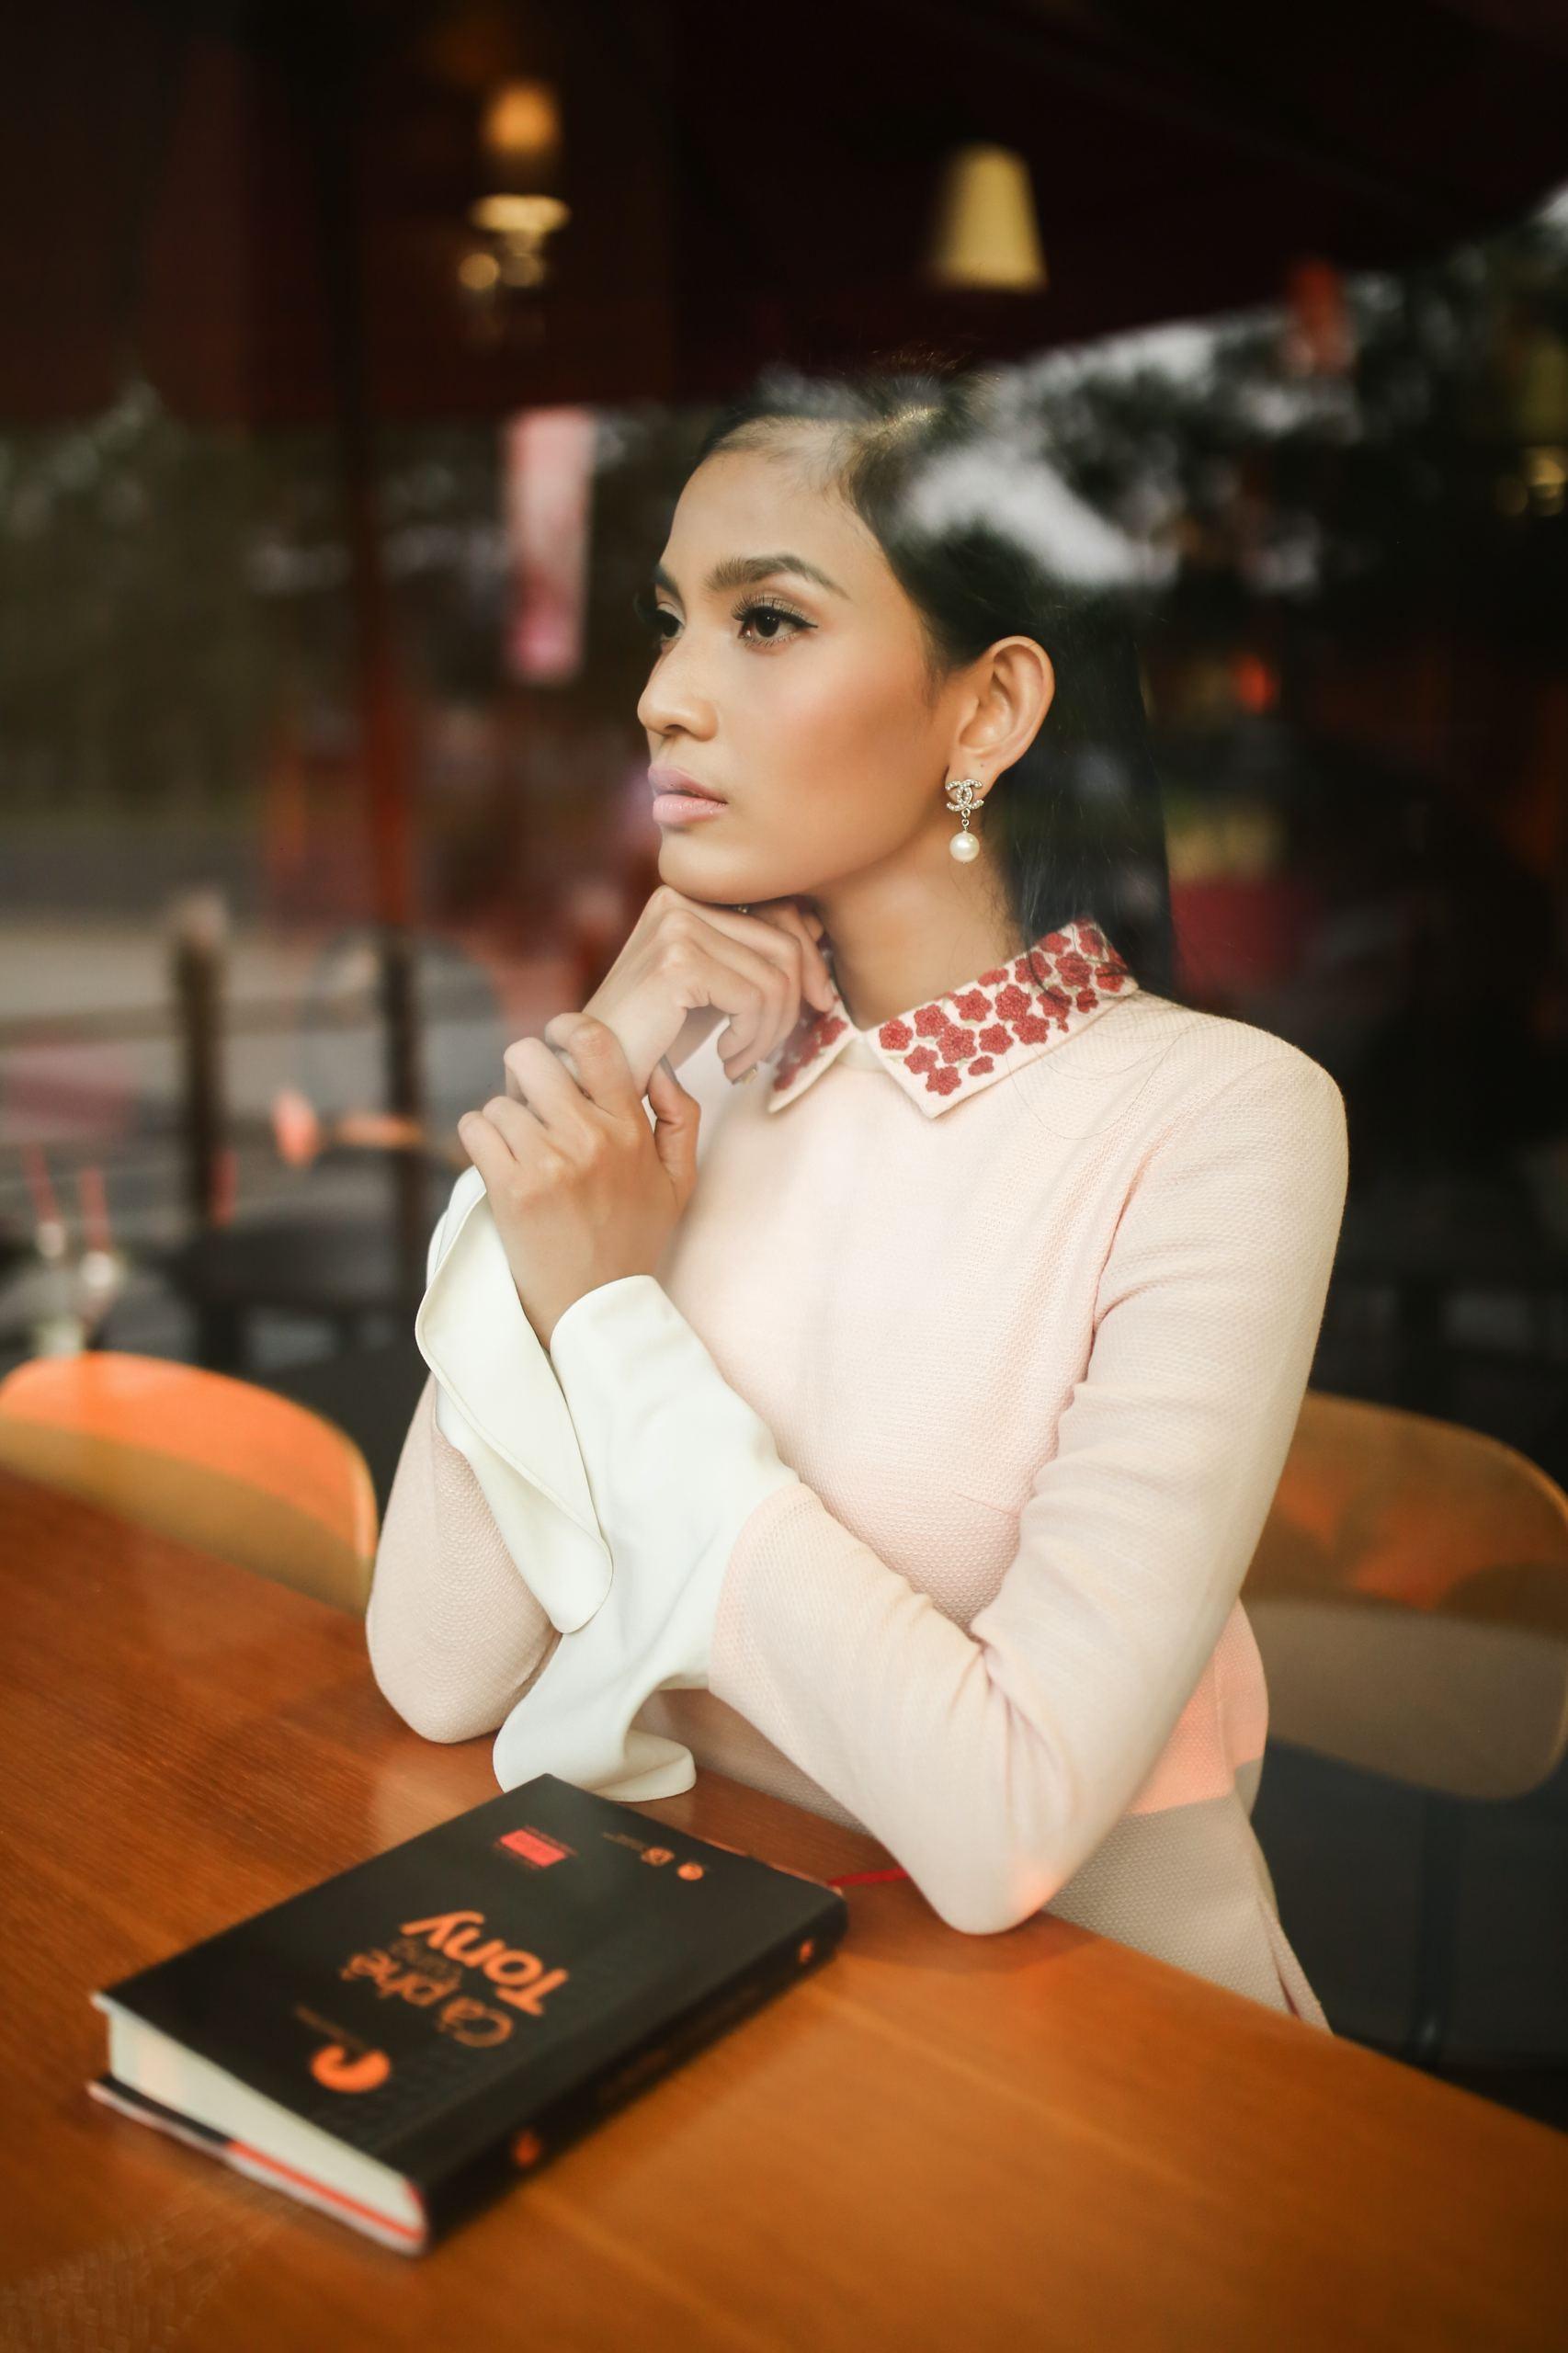 Gần 10 năm sau khi đăng quang ngôi vị Á hậu, Trương Thị May vẫn giữ cho mình nếp sống giản dị, phong cách thời trang nền nã, kín đáo mỗi khi xuất hiện và đặc biệt là nói không với scandal.